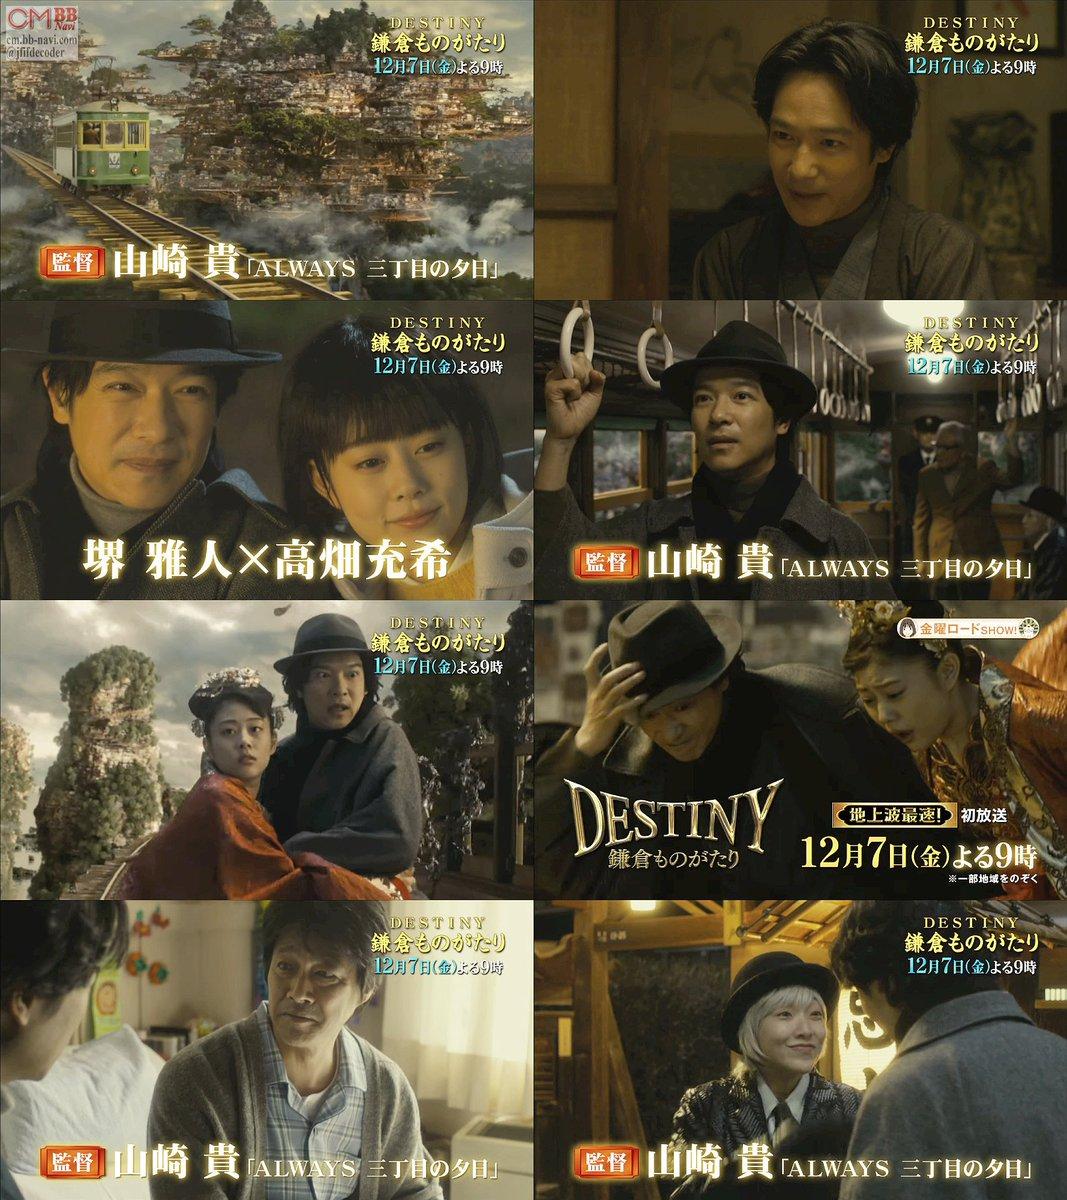 鎌倉 映画 物語 ディスティニー